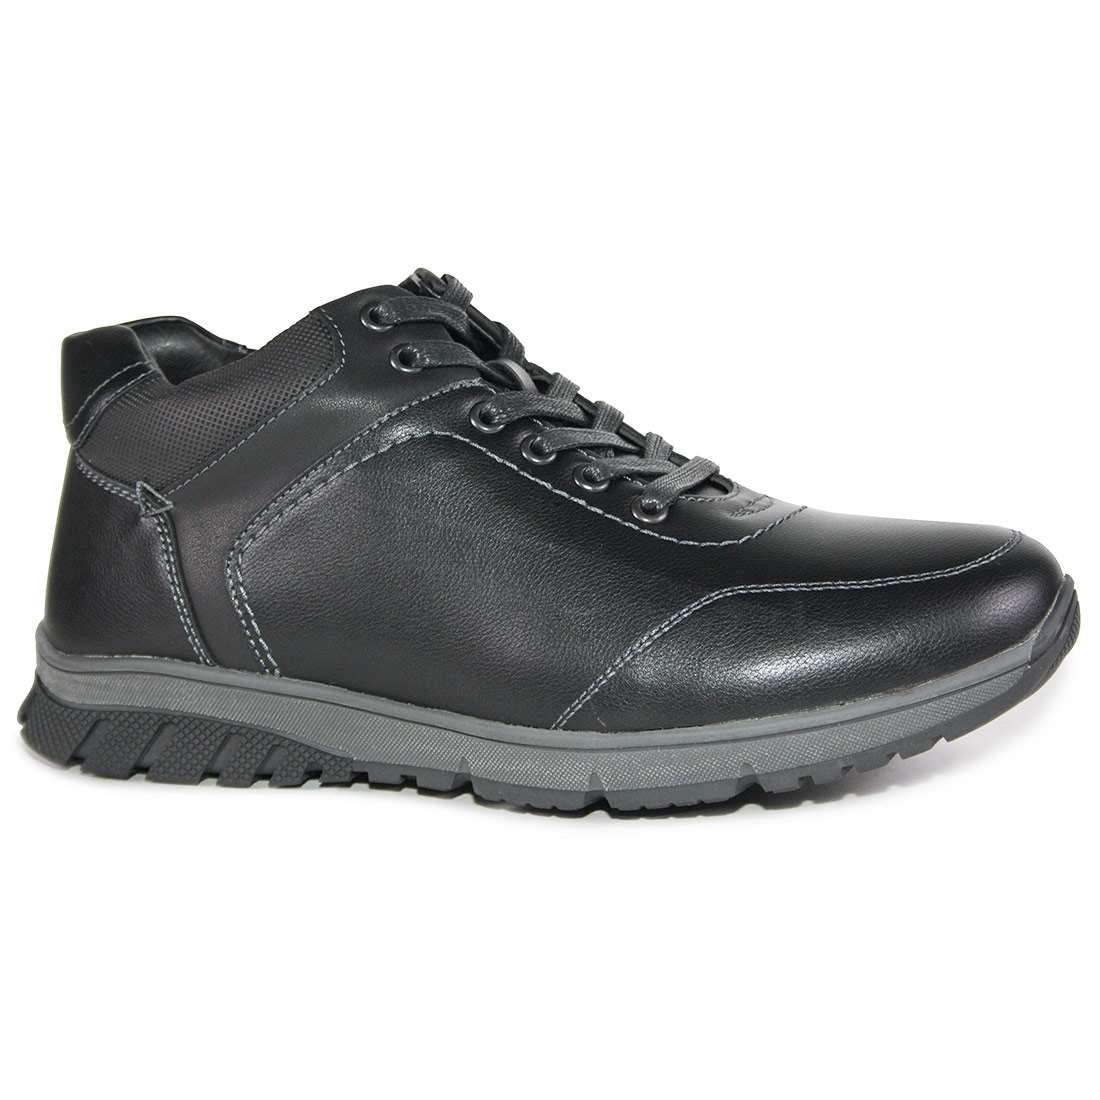 бесплатно осенние ботинки мужские фото строке